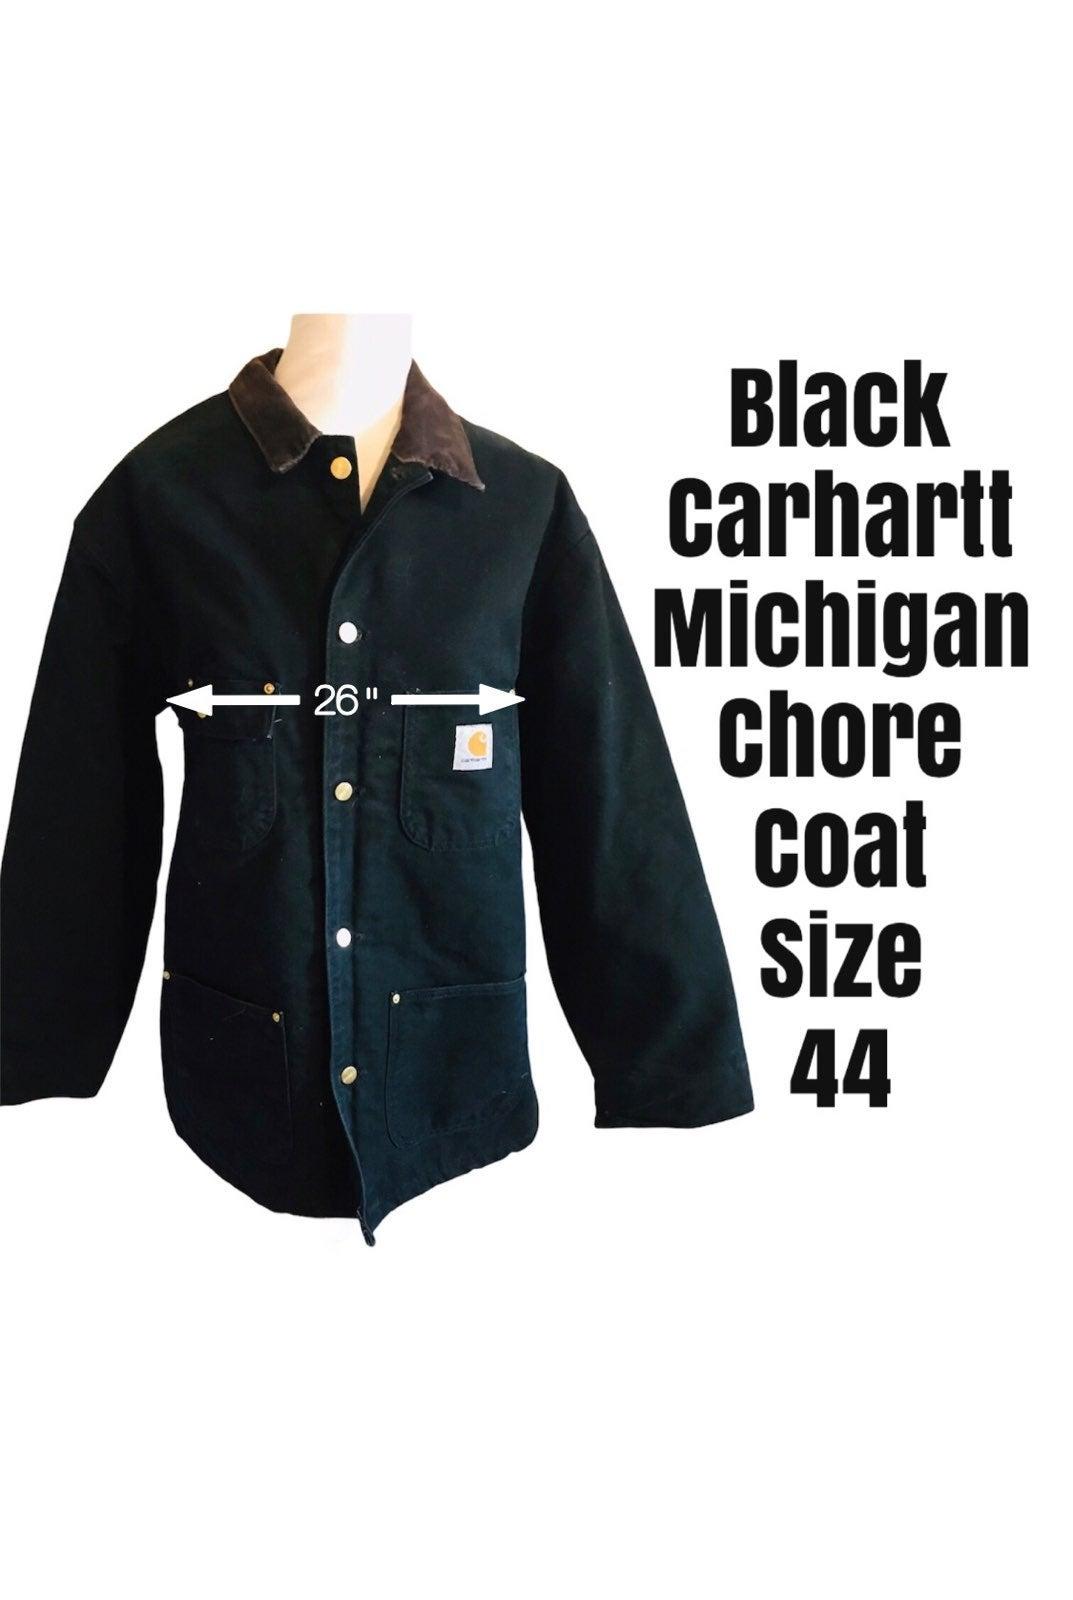 Black Carhartt Michigan Chore Coat 44